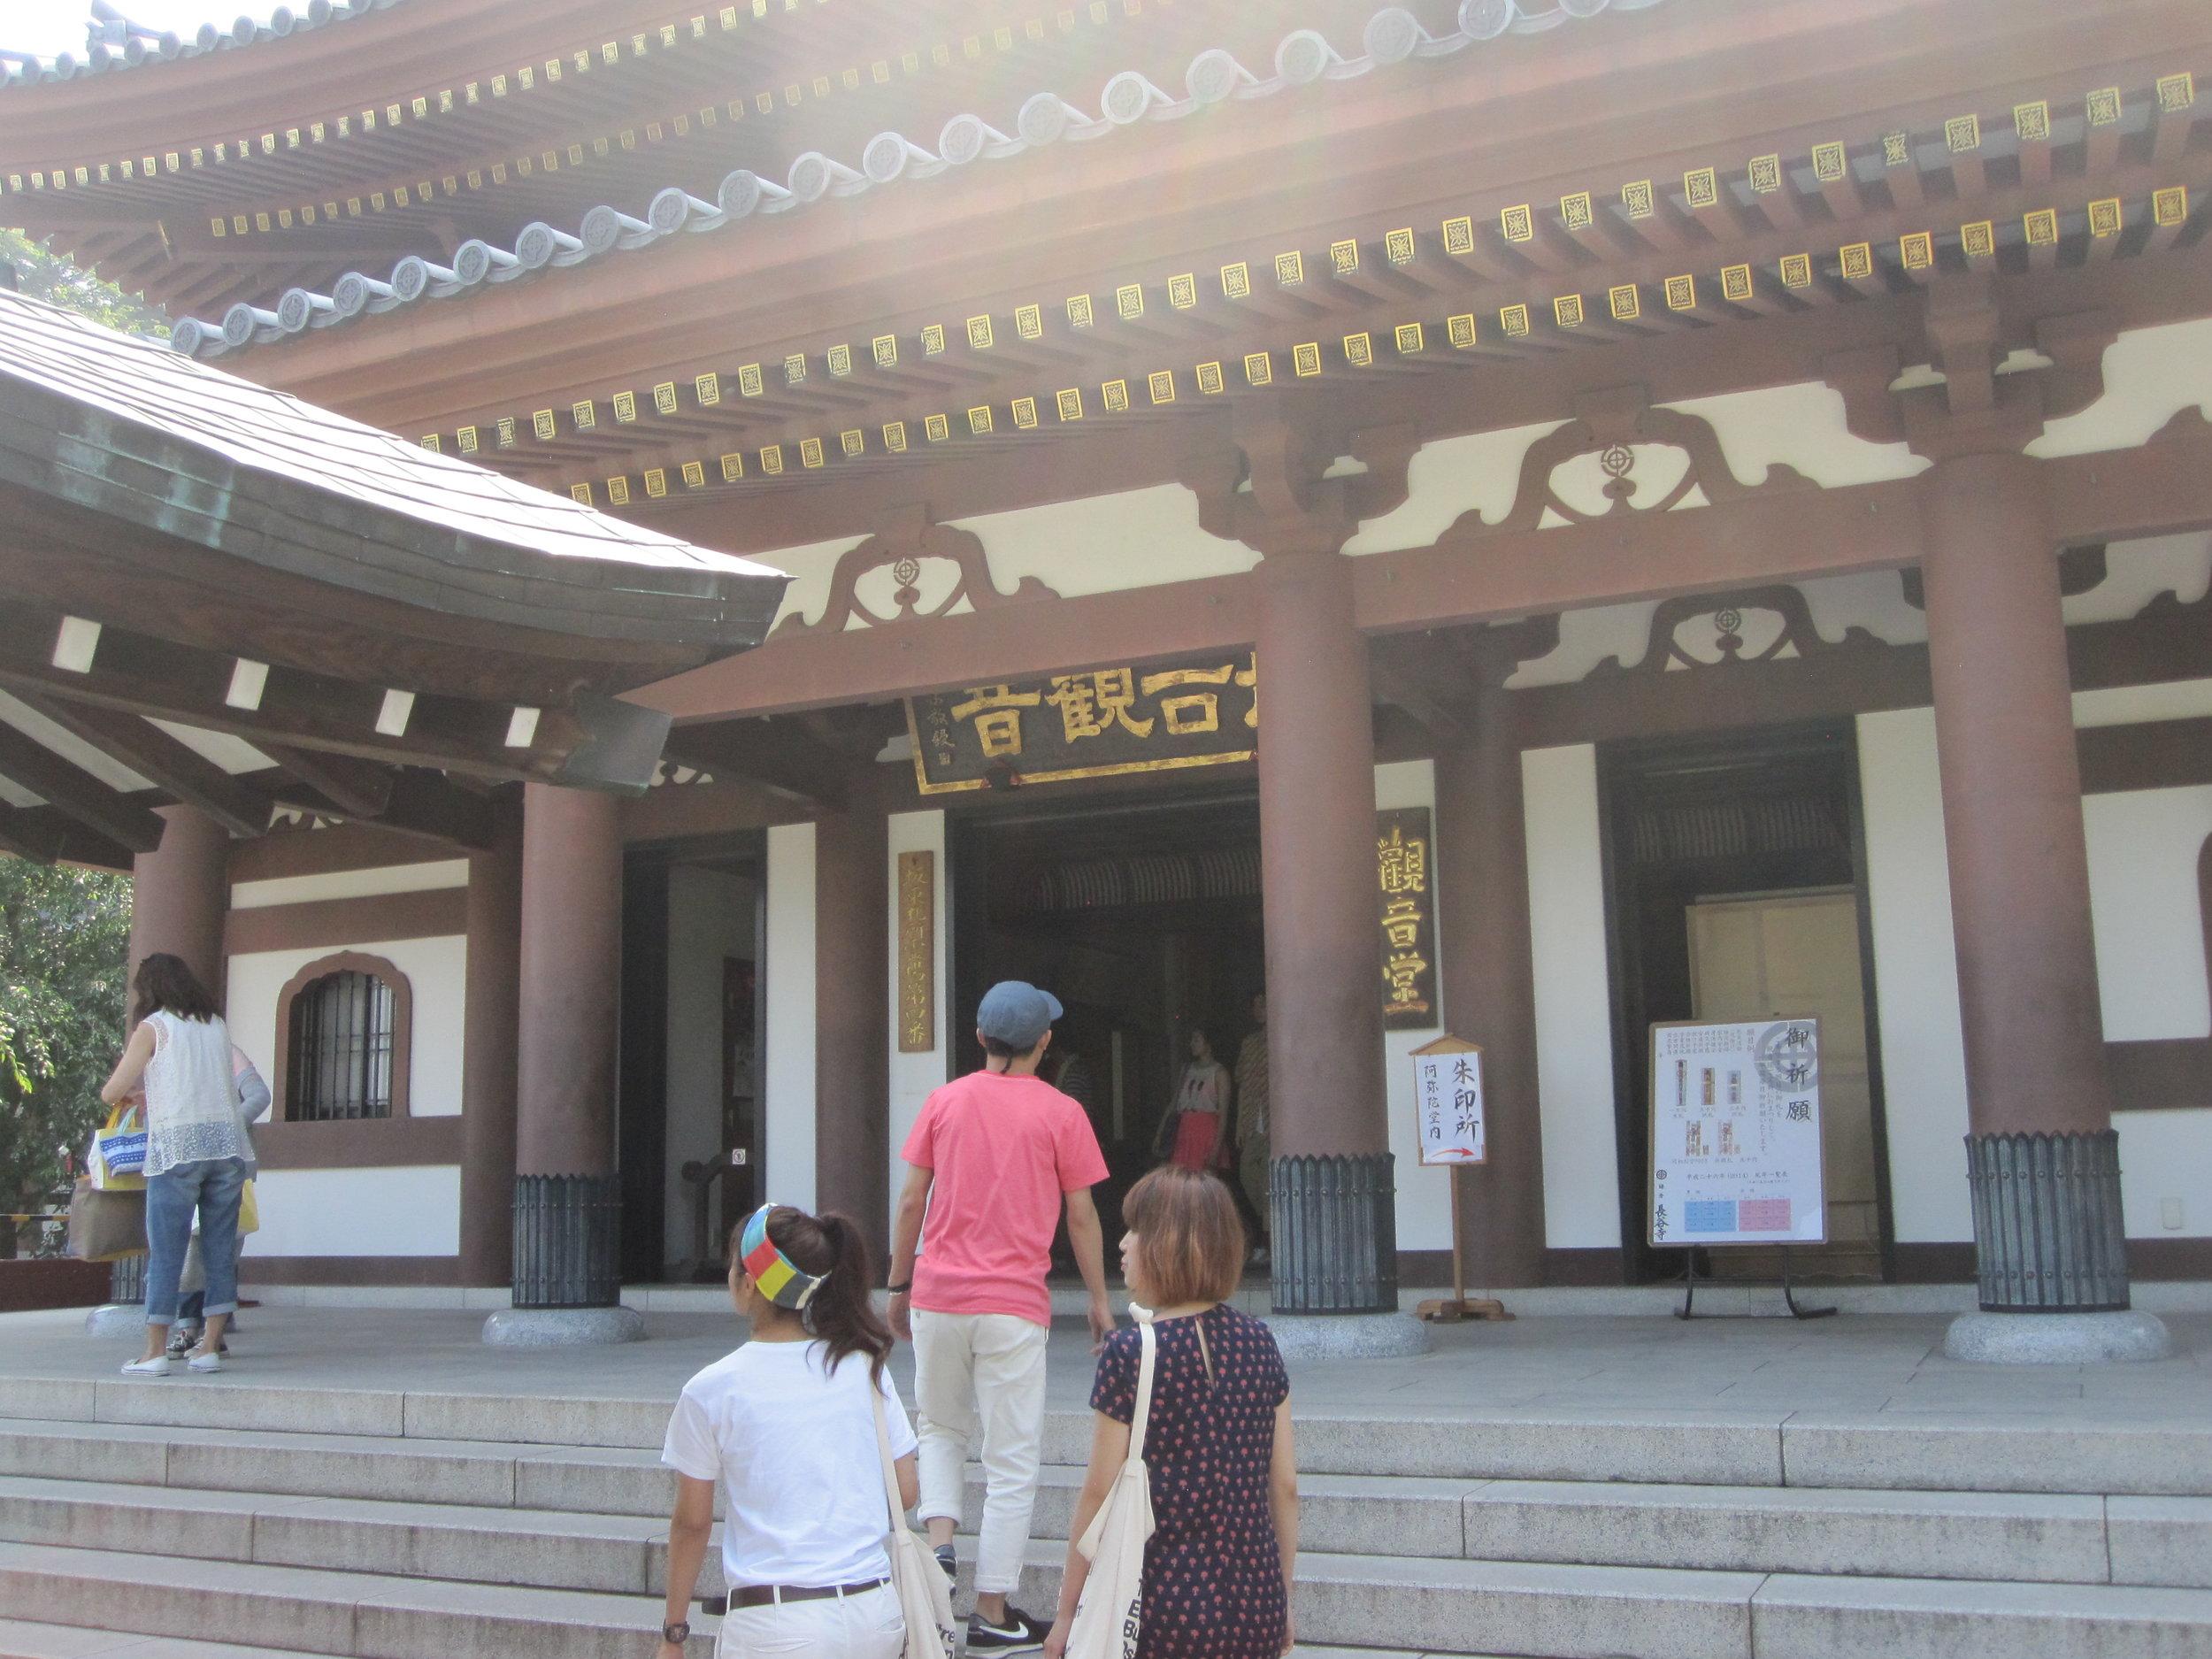 Day 9: Kamakura